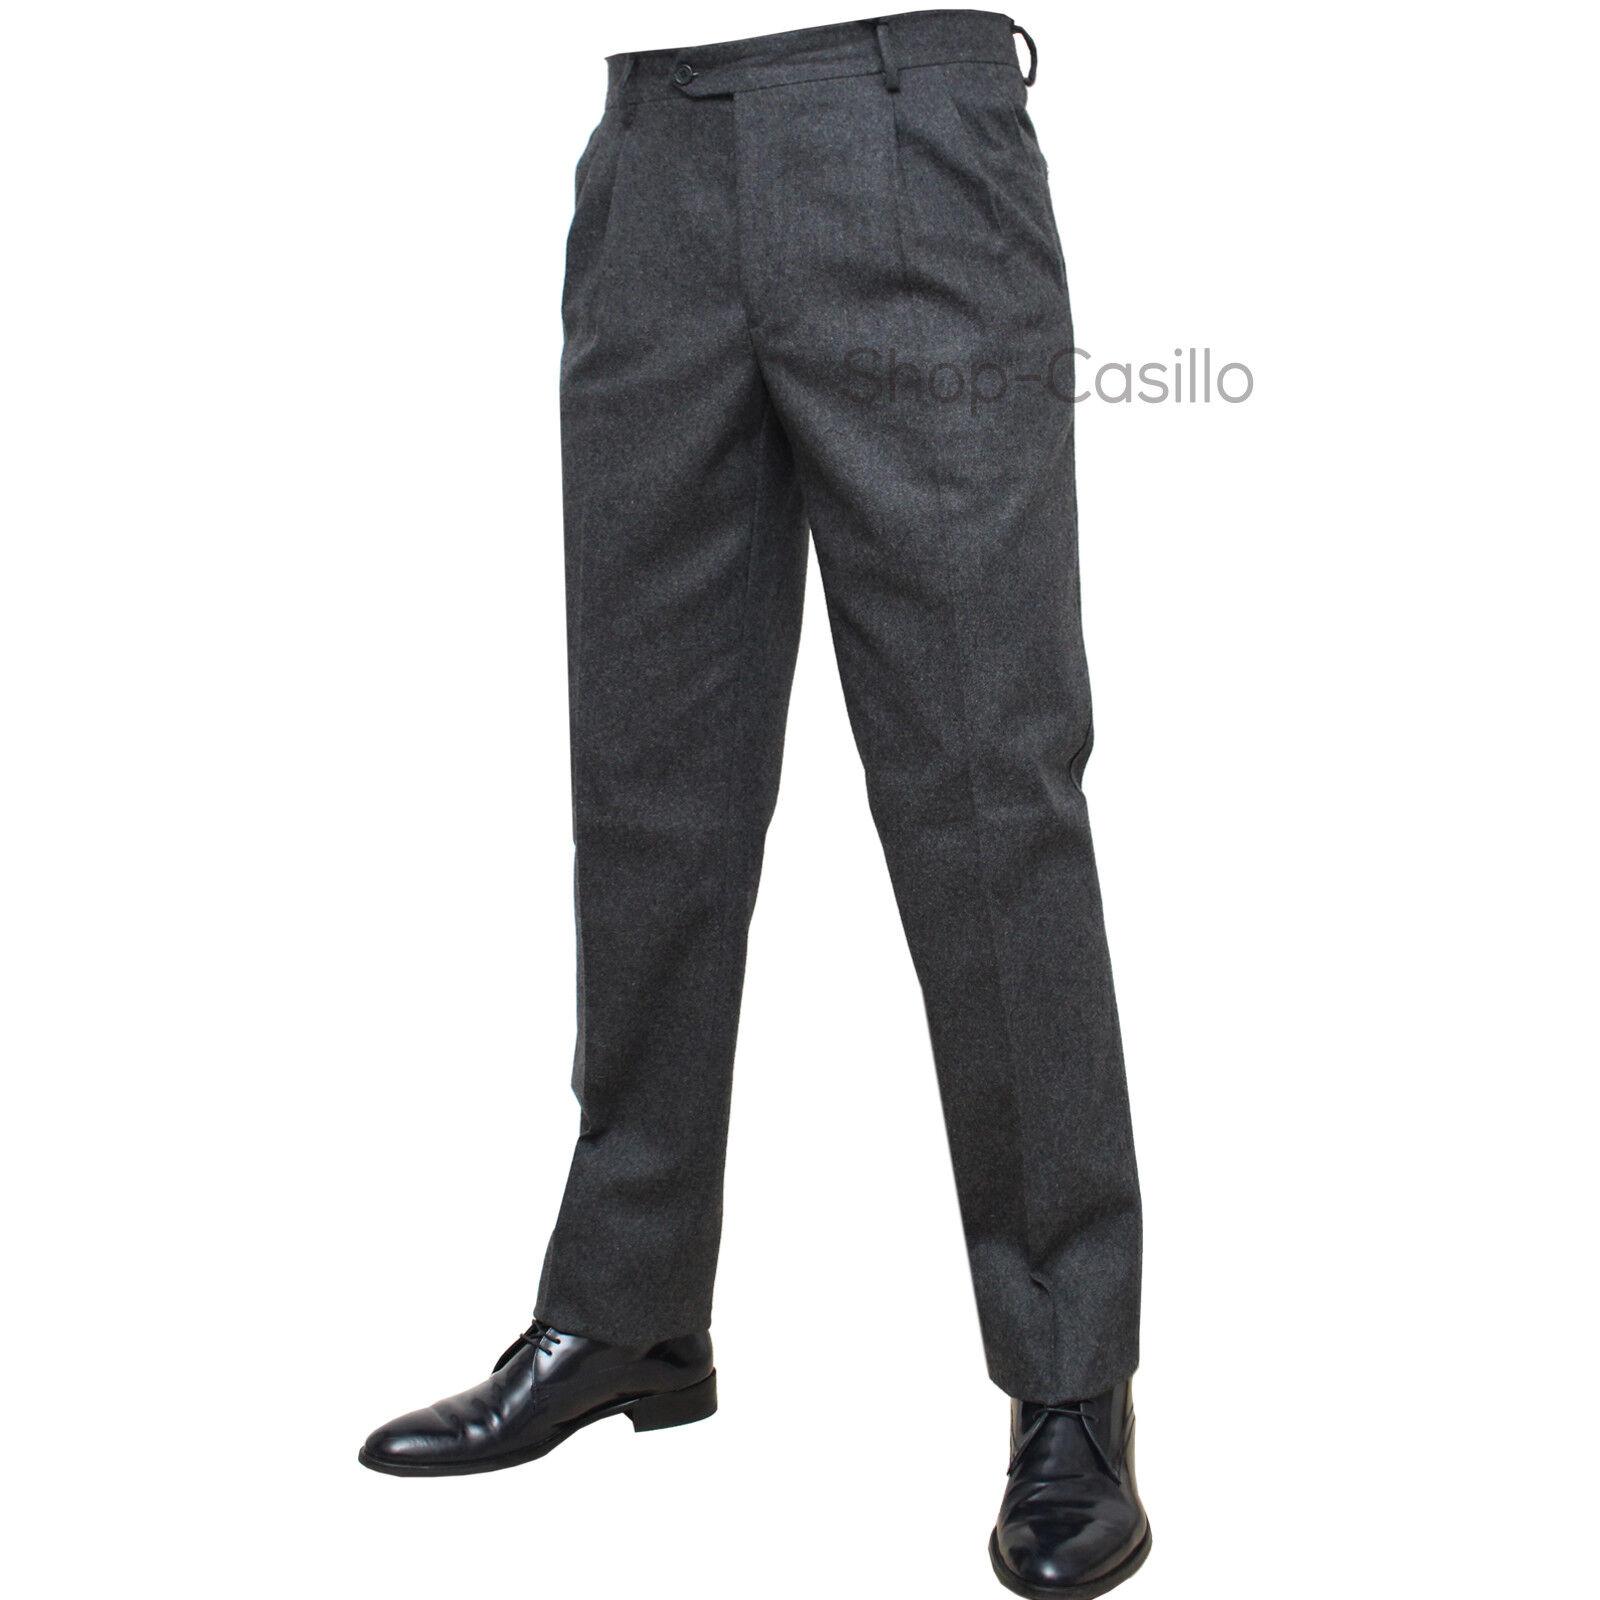 Pantalone Uomo Uomo Uomo Tasca America Classico Vita Alta Due Pence Flanella Jeans Maglia 7a77fc